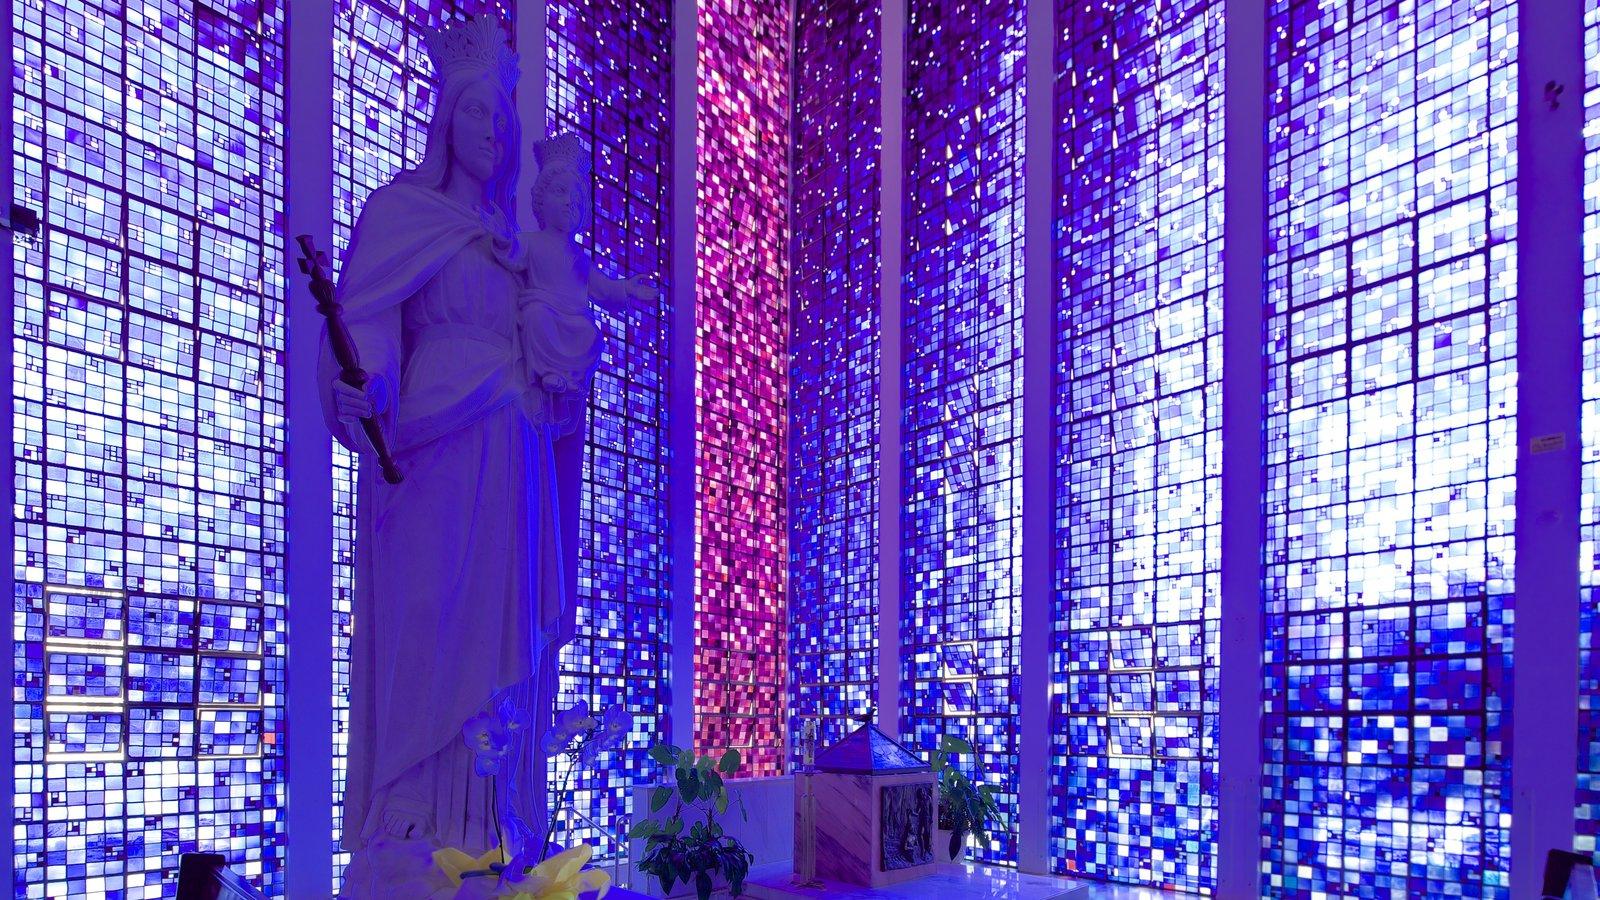 Santuário Dom Bosco mostrando aspectos religiosos, vistas internas e uma igreja ou catedral